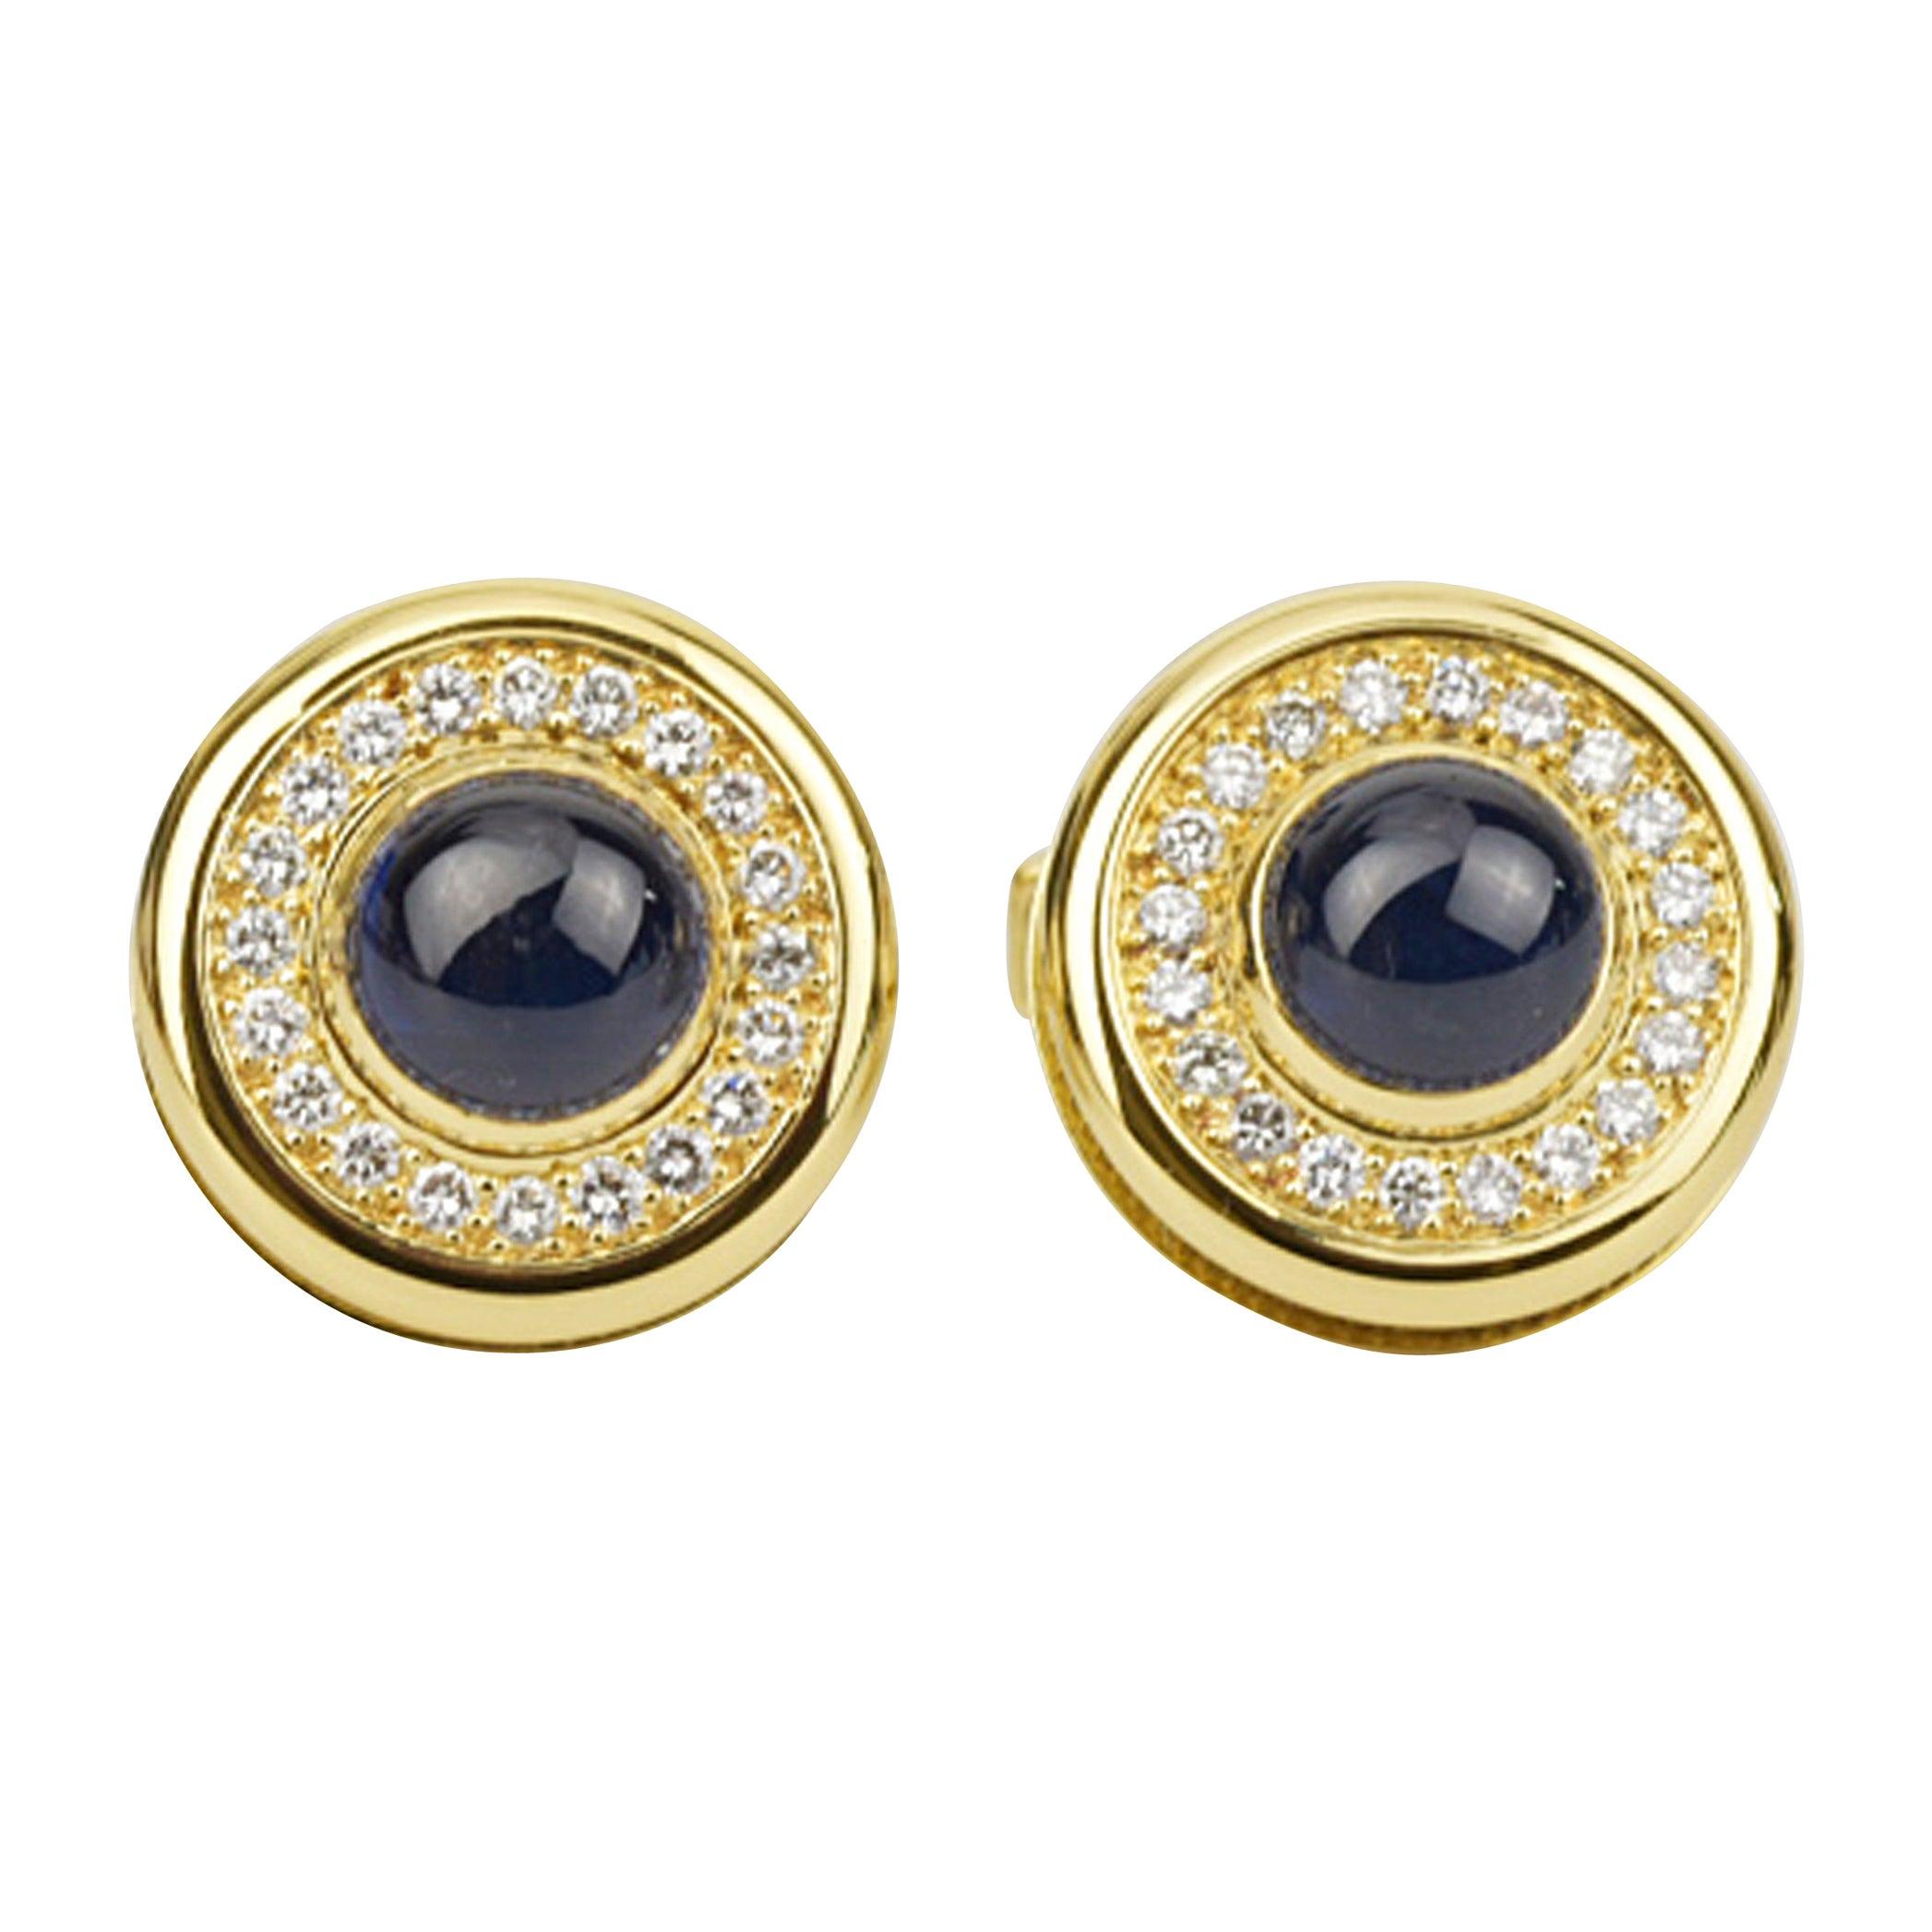 Matthew Cambery 18 Karat Yellow Gold Cabochon Sapphire and Diamond Cufflinks